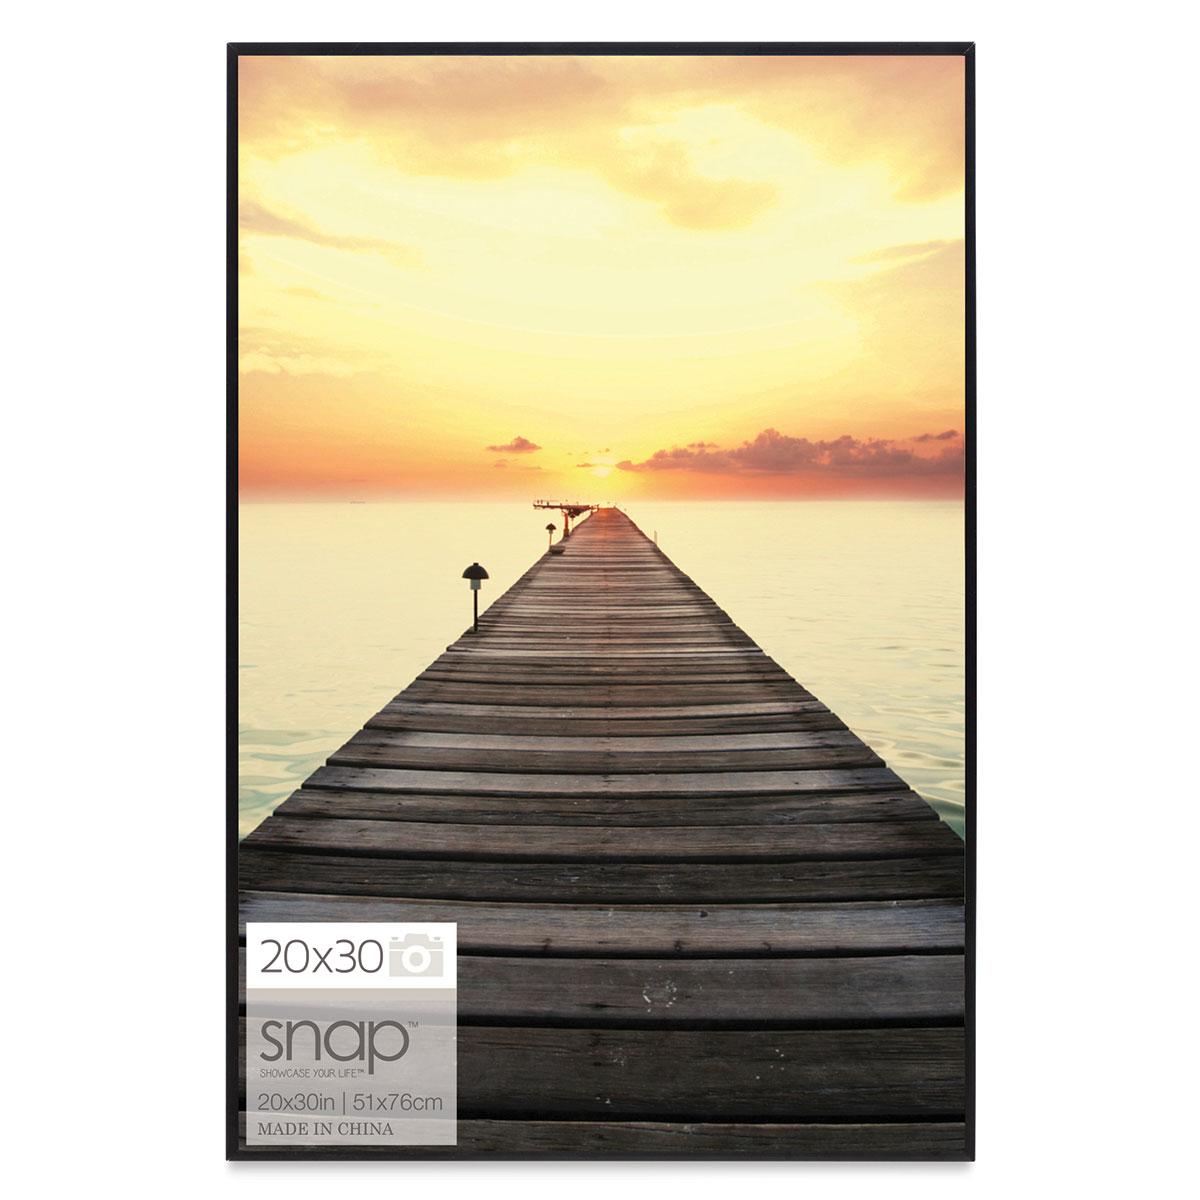 Nielsen Bainbridge Snap Poster Frame - Black, 20 x 30